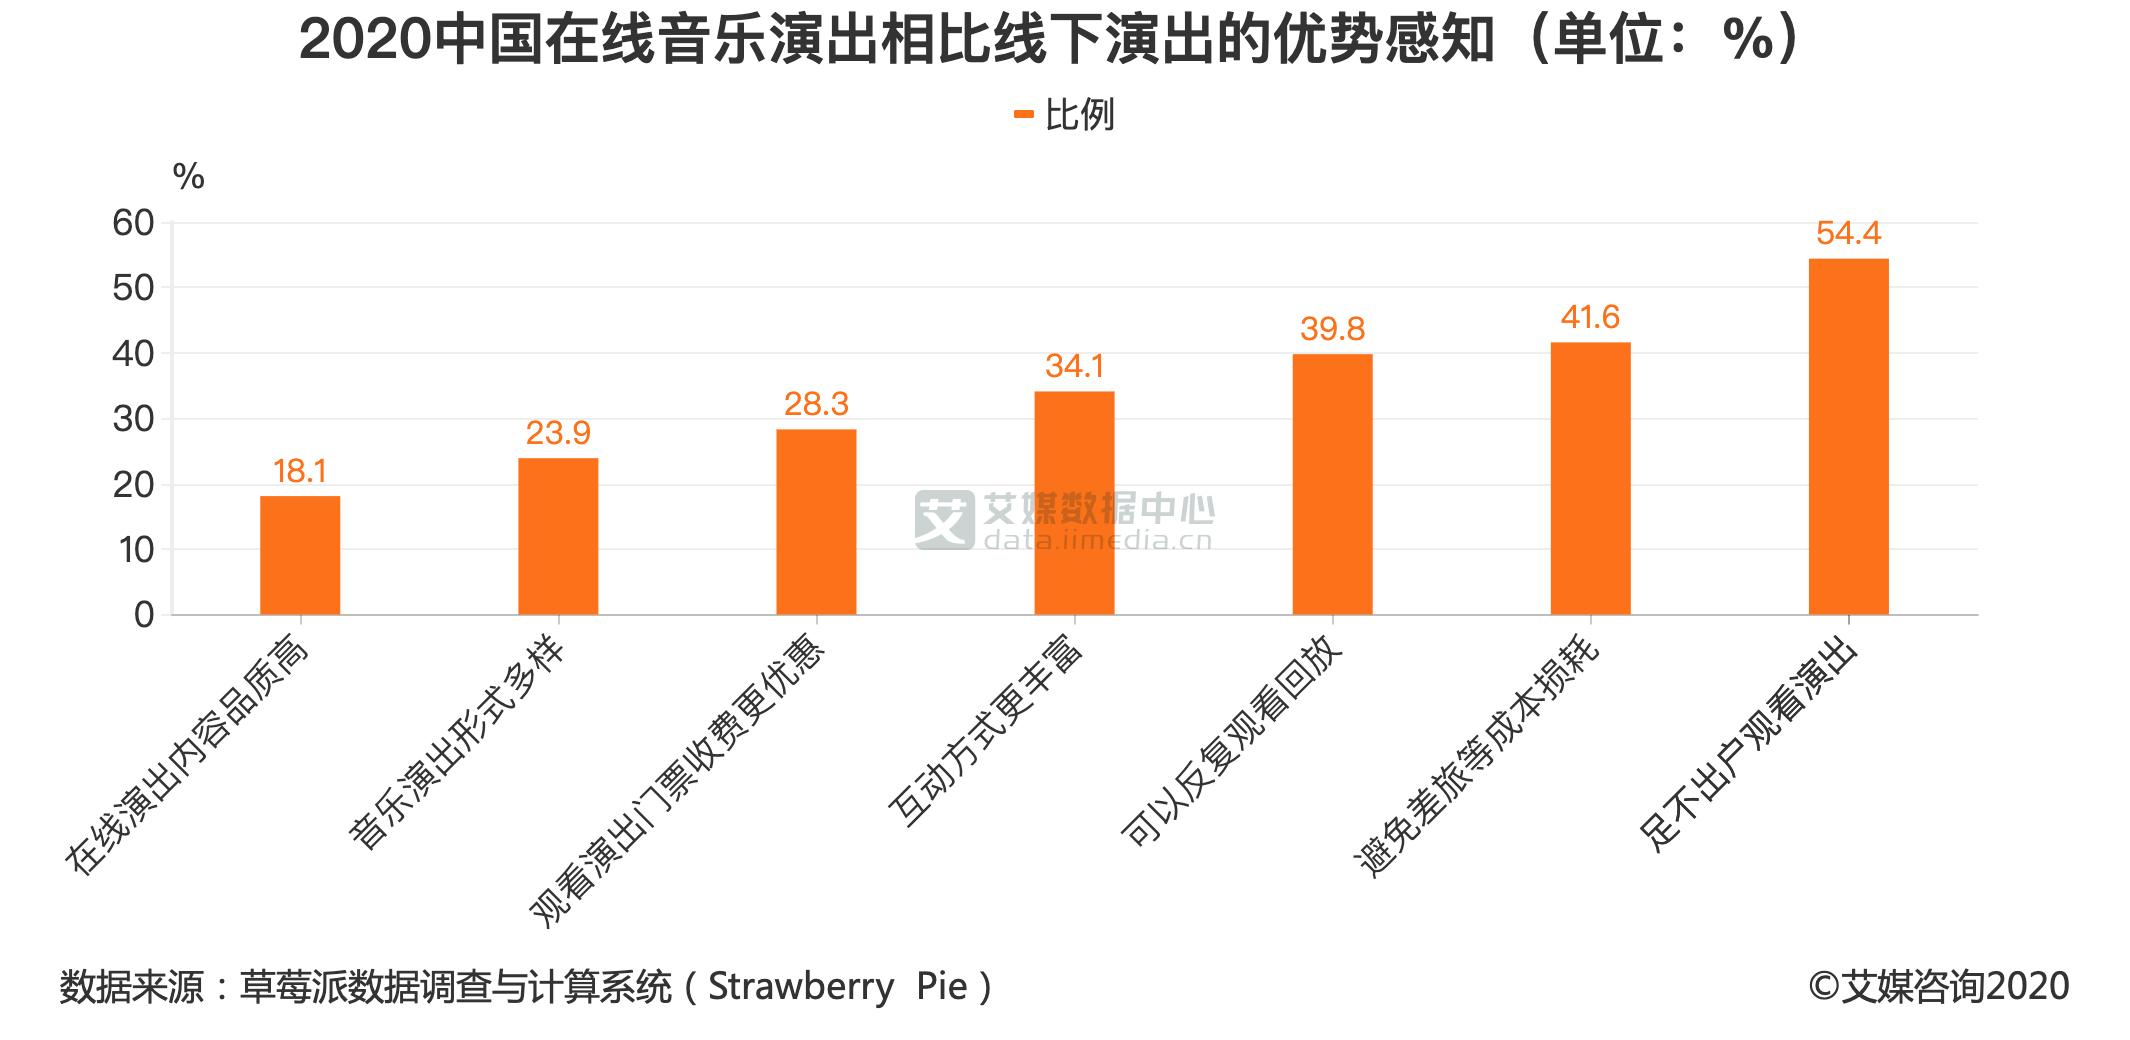 2020中国在线音乐演出相比线下演出的优势感知(单位:%)